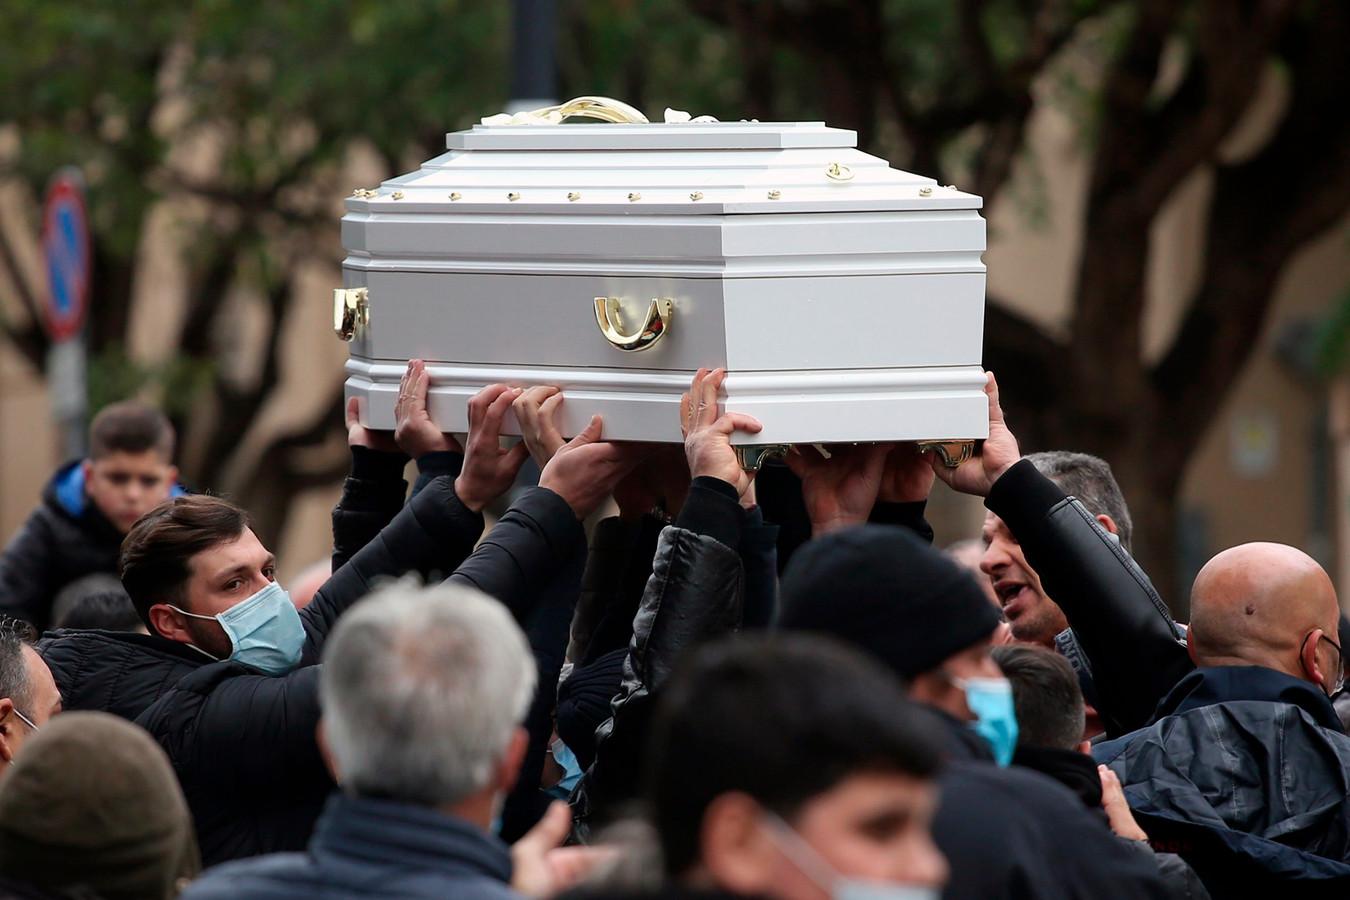 Beeld van de begrafenisceremonie van het 10-jarige Italiaanse meisje dat stierf na een TikTok-challenge eind januari.